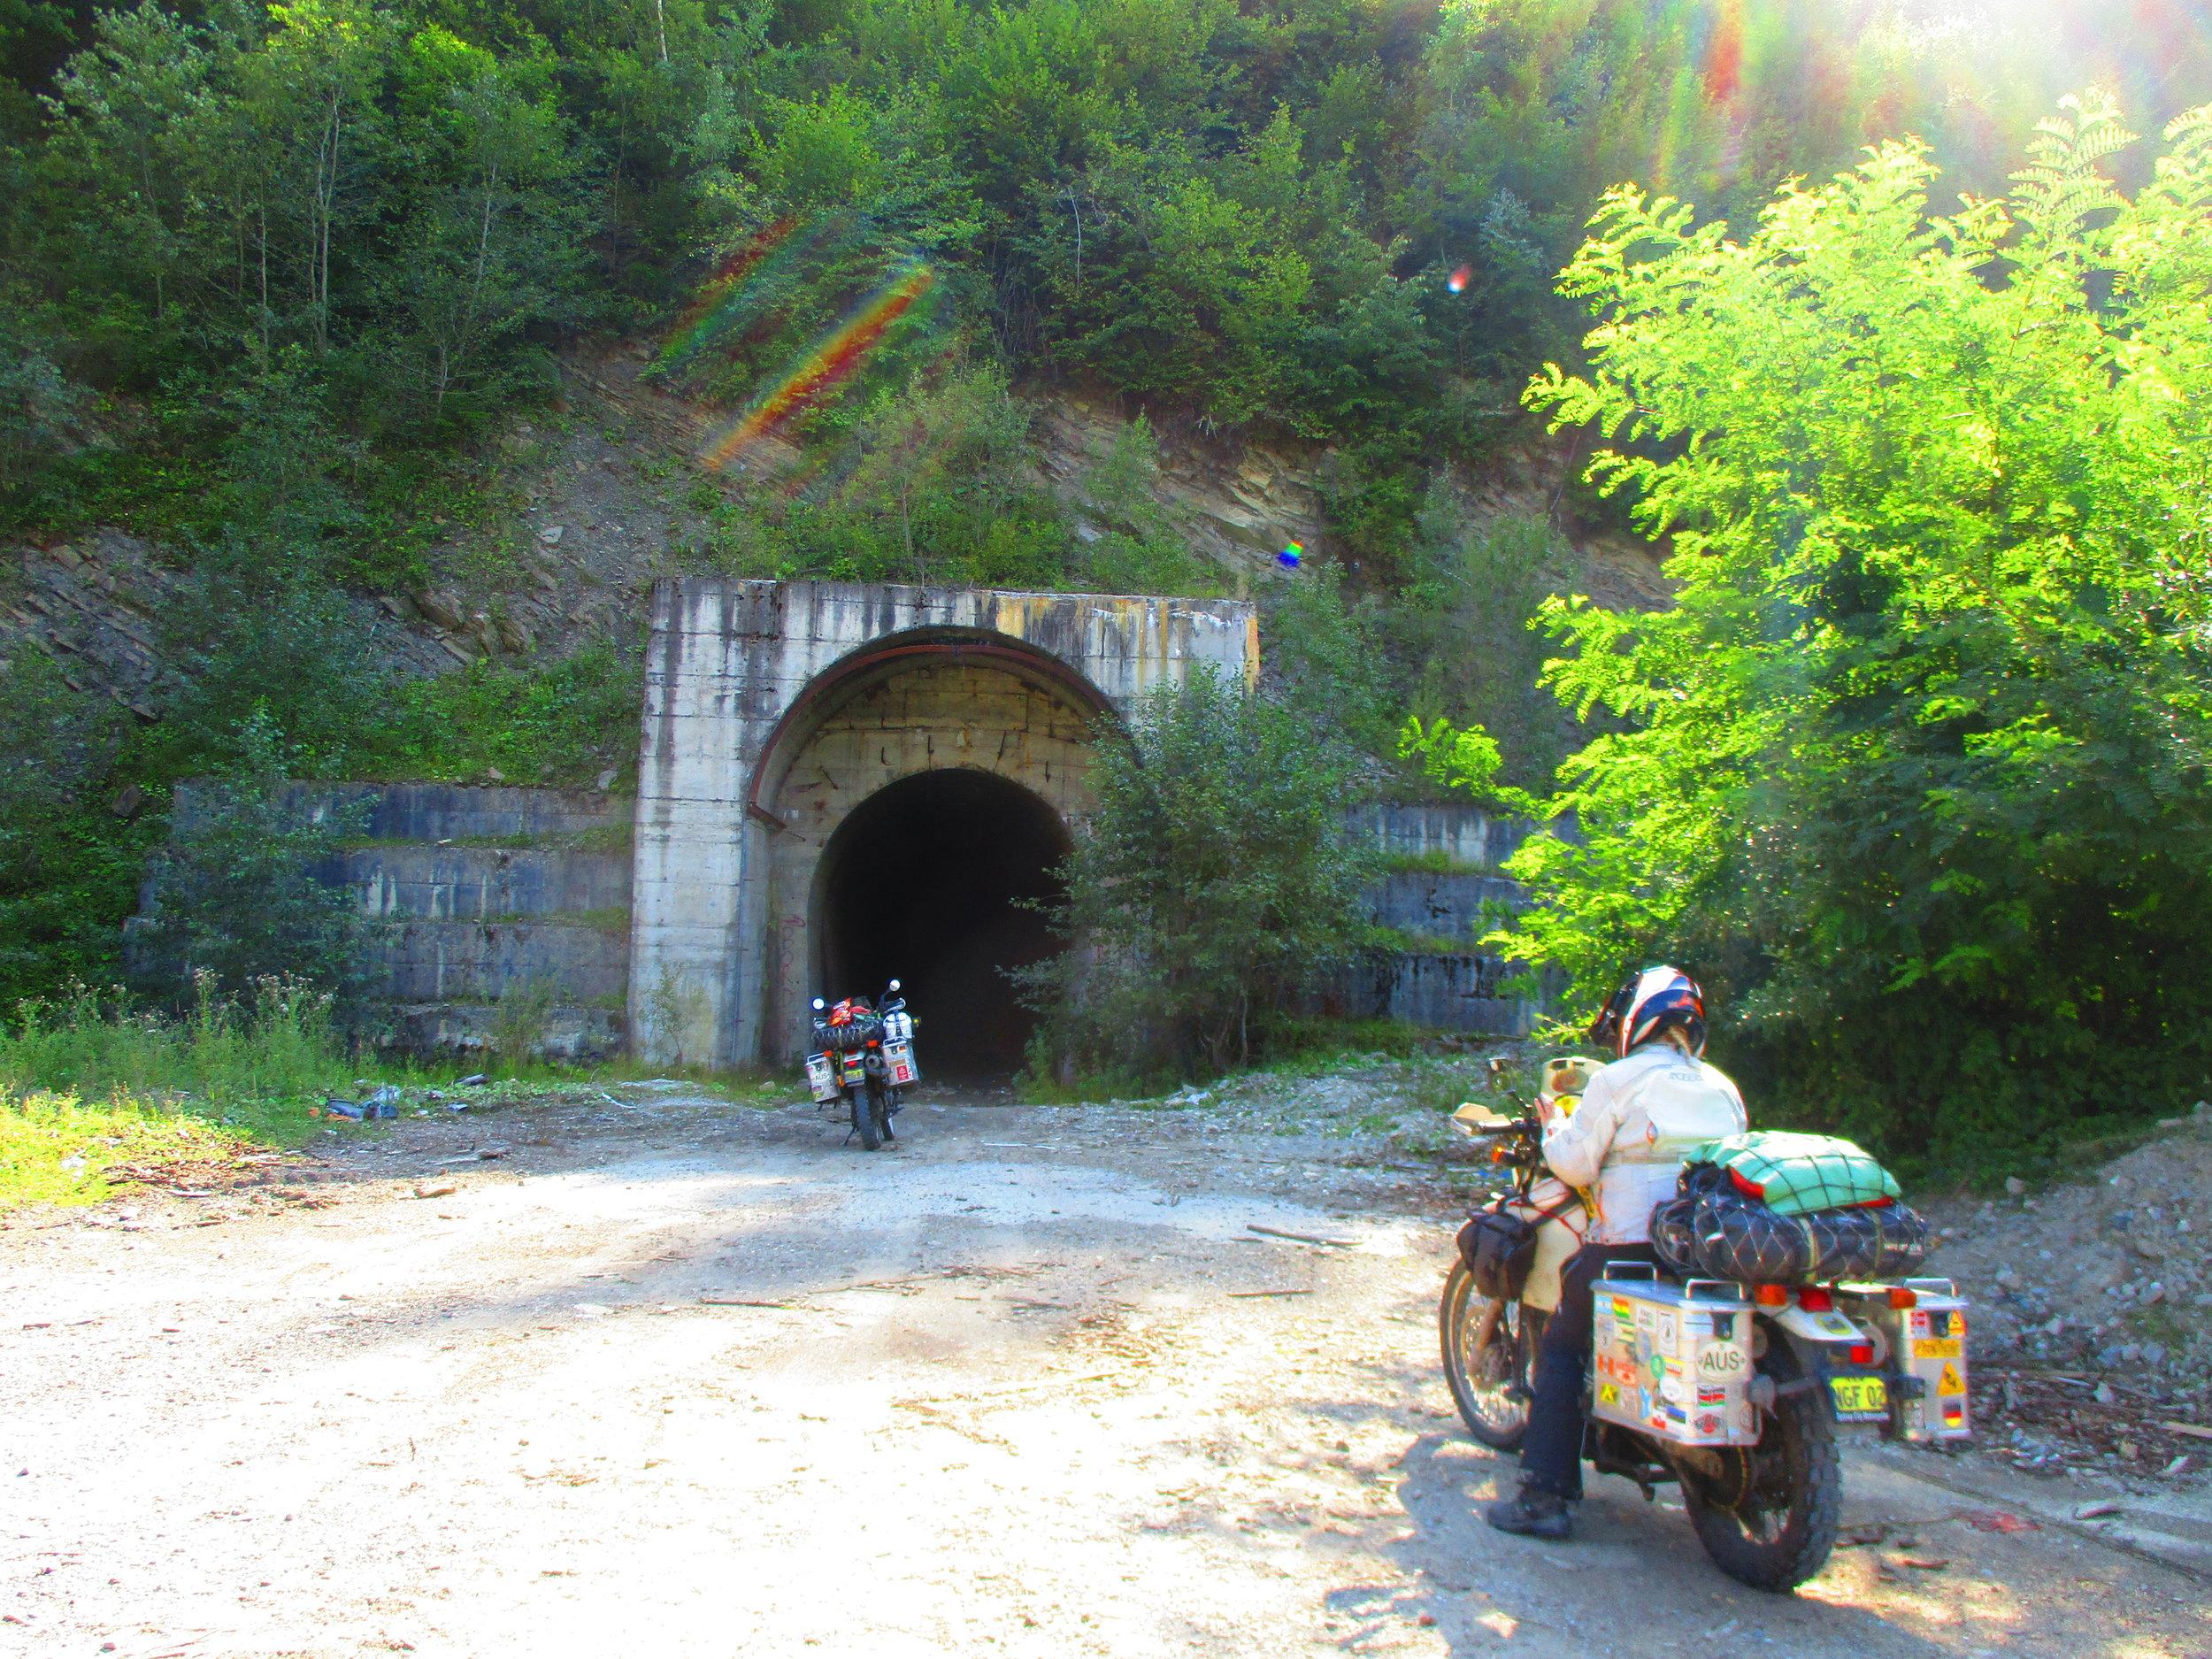 Spooky Romanian tunnel